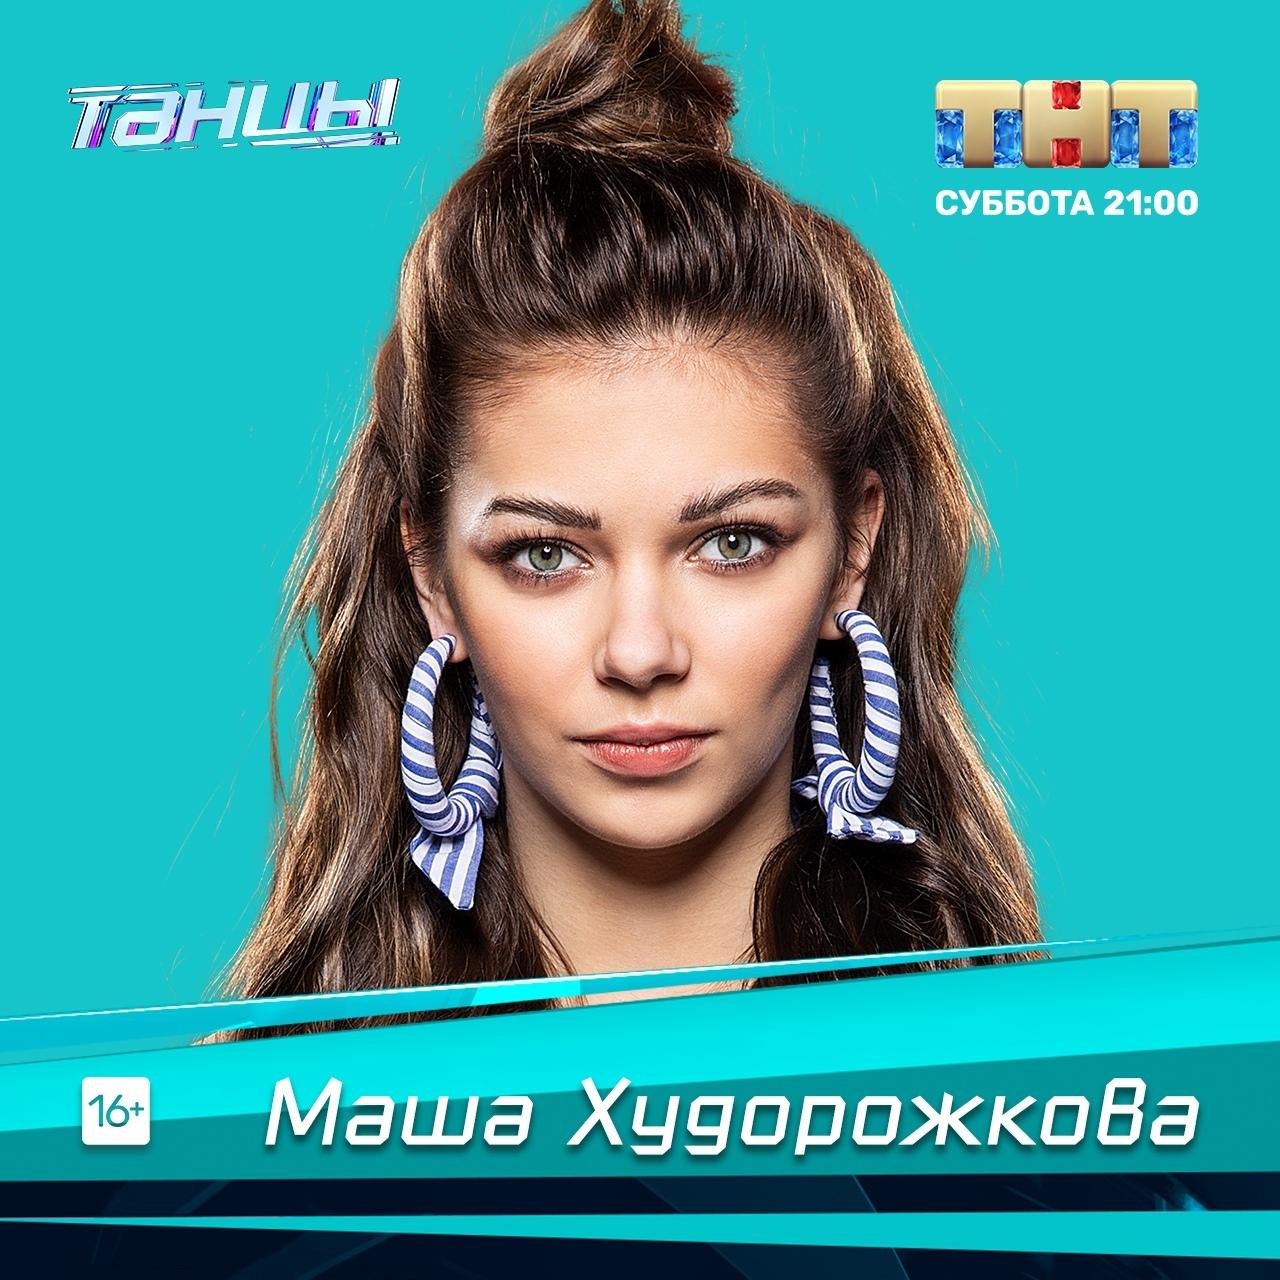 Одной из финалистов шоу «ТАНЦЫ» на ТНТ стала Мария Худорожкова из Челябинска. В своем инте